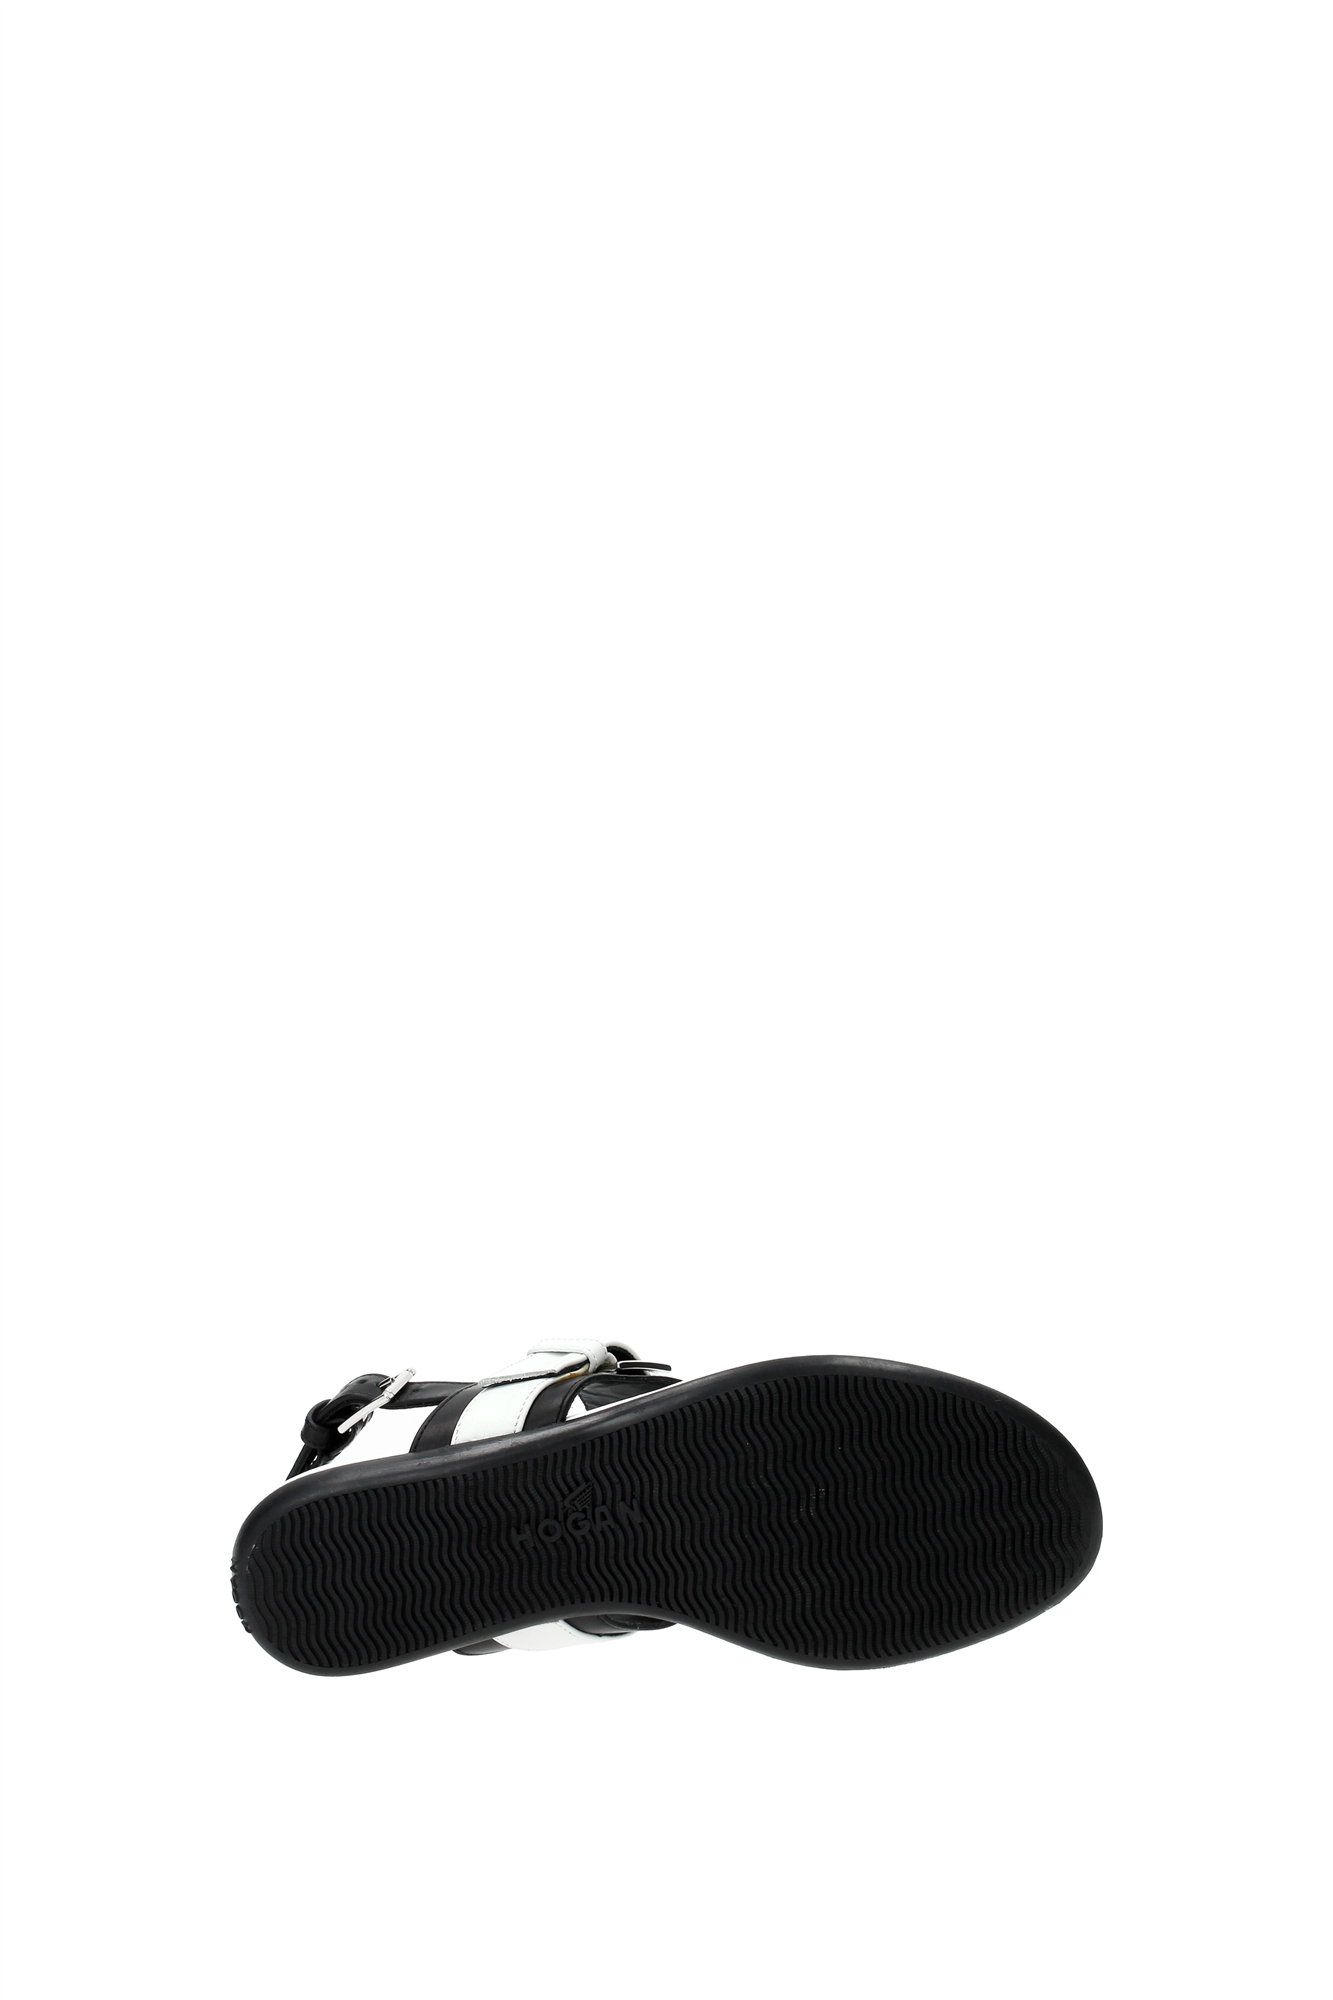 flip flops hogan damen leder schwarz hxw1330r4407y80002 ebay. Black Bedroom Furniture Sets. Home Design Ideas